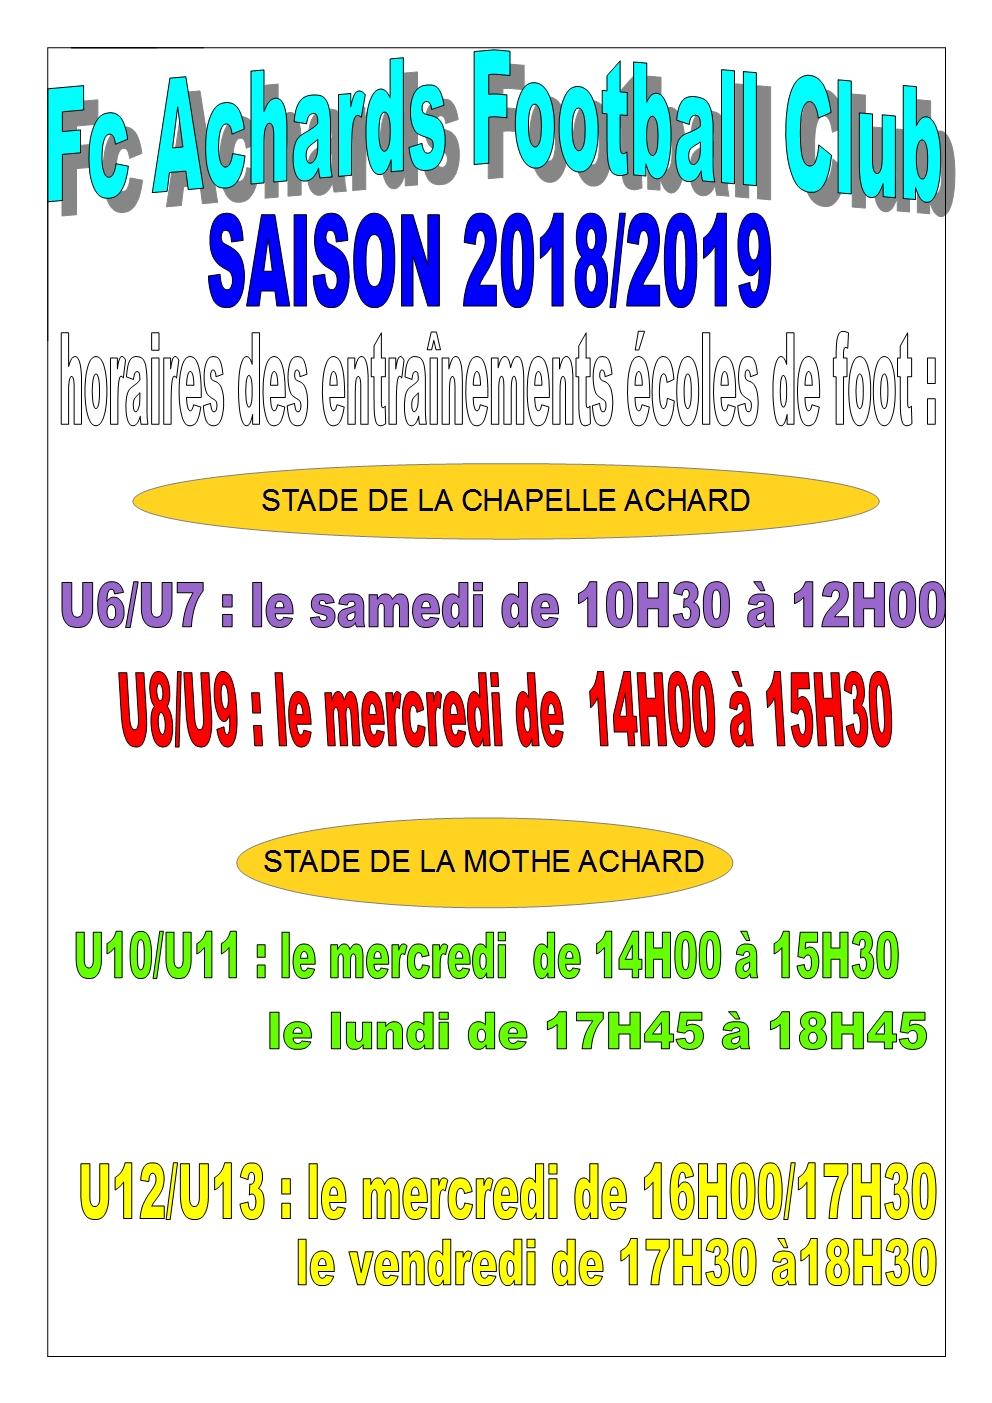 horaires_entrainements école_de_football saison 2019.jpg